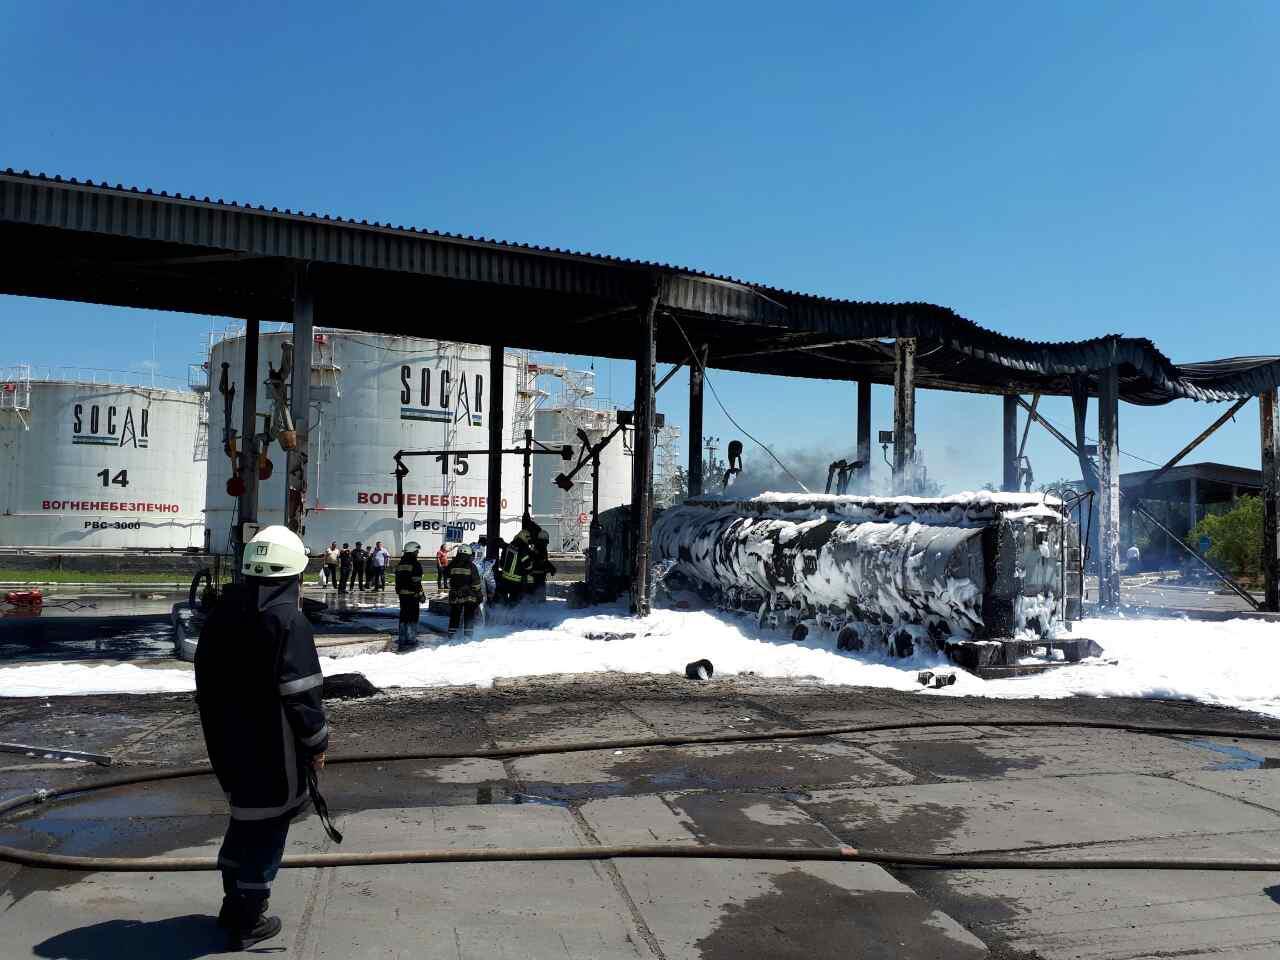 0-02-05-b235161ca60e9ebf5c1616bbaa66dff5d5927666d6a038a59880e193d619570b_full.0 Одесские спасатели ликвидировали масштабный пожар на нефтебазе